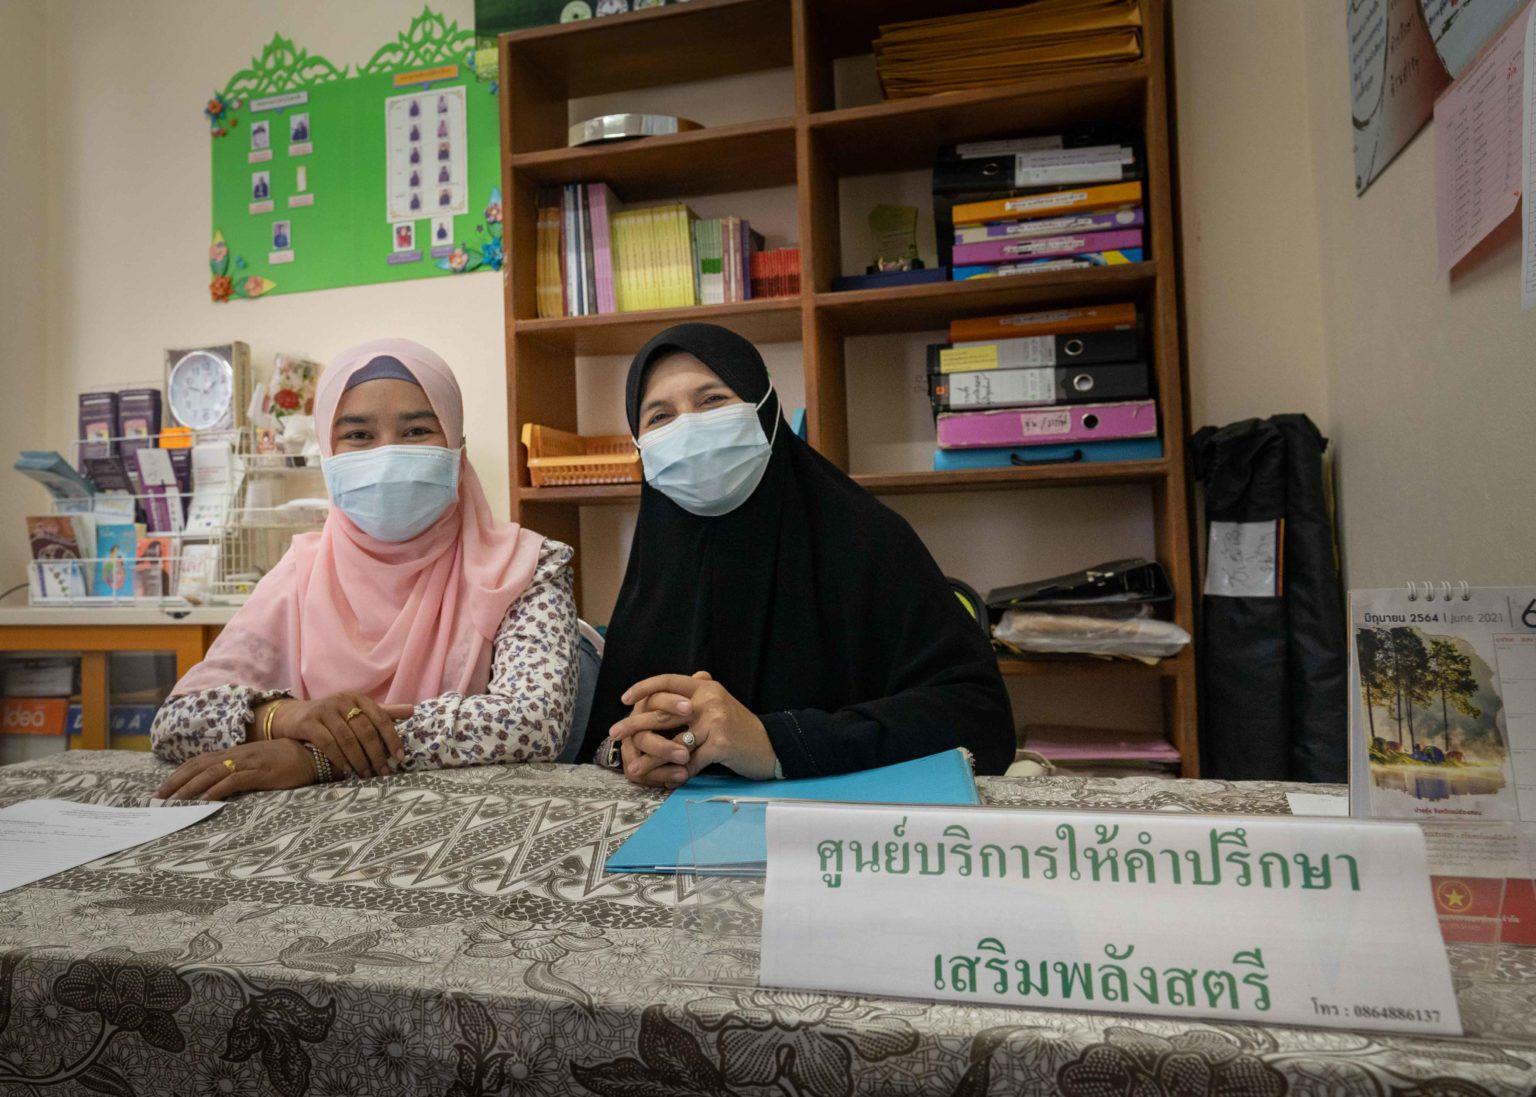 Le centre d'autonomisation et de conseil à Narathiwat avec Rusleena Saleng (à gauche) et Zainab Hajimaming (à droite) (Crédit photo: Ryan Anders)